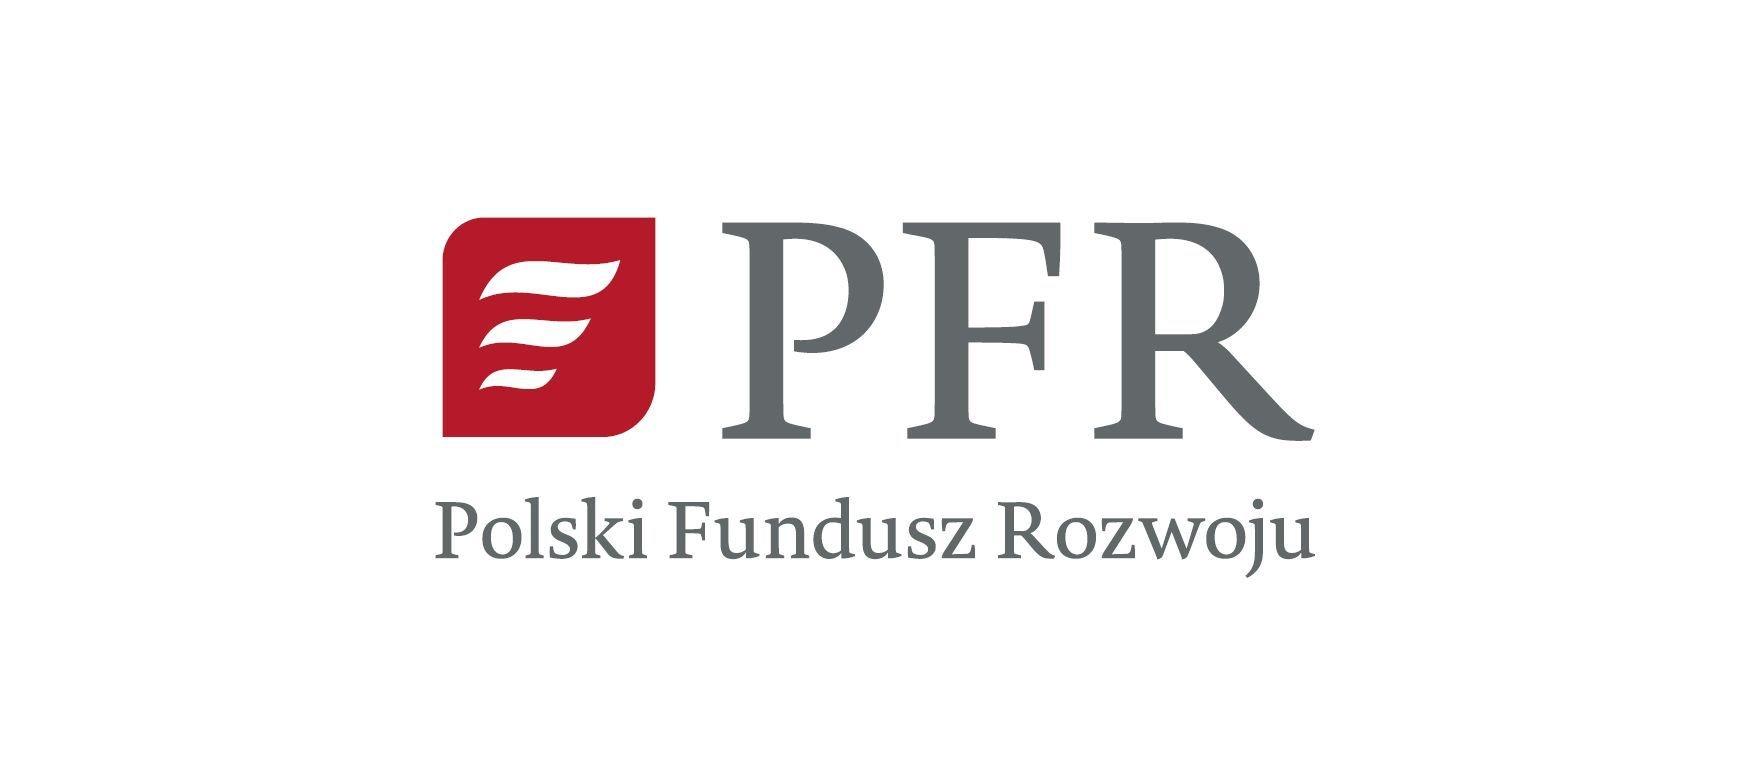 Komunikat Polskiego Funduszu Rozwoju SA w sprawie publikacji Gazety Wyborczej z dn. 24.05.2018 r. w sprawie GETBACK S.A.